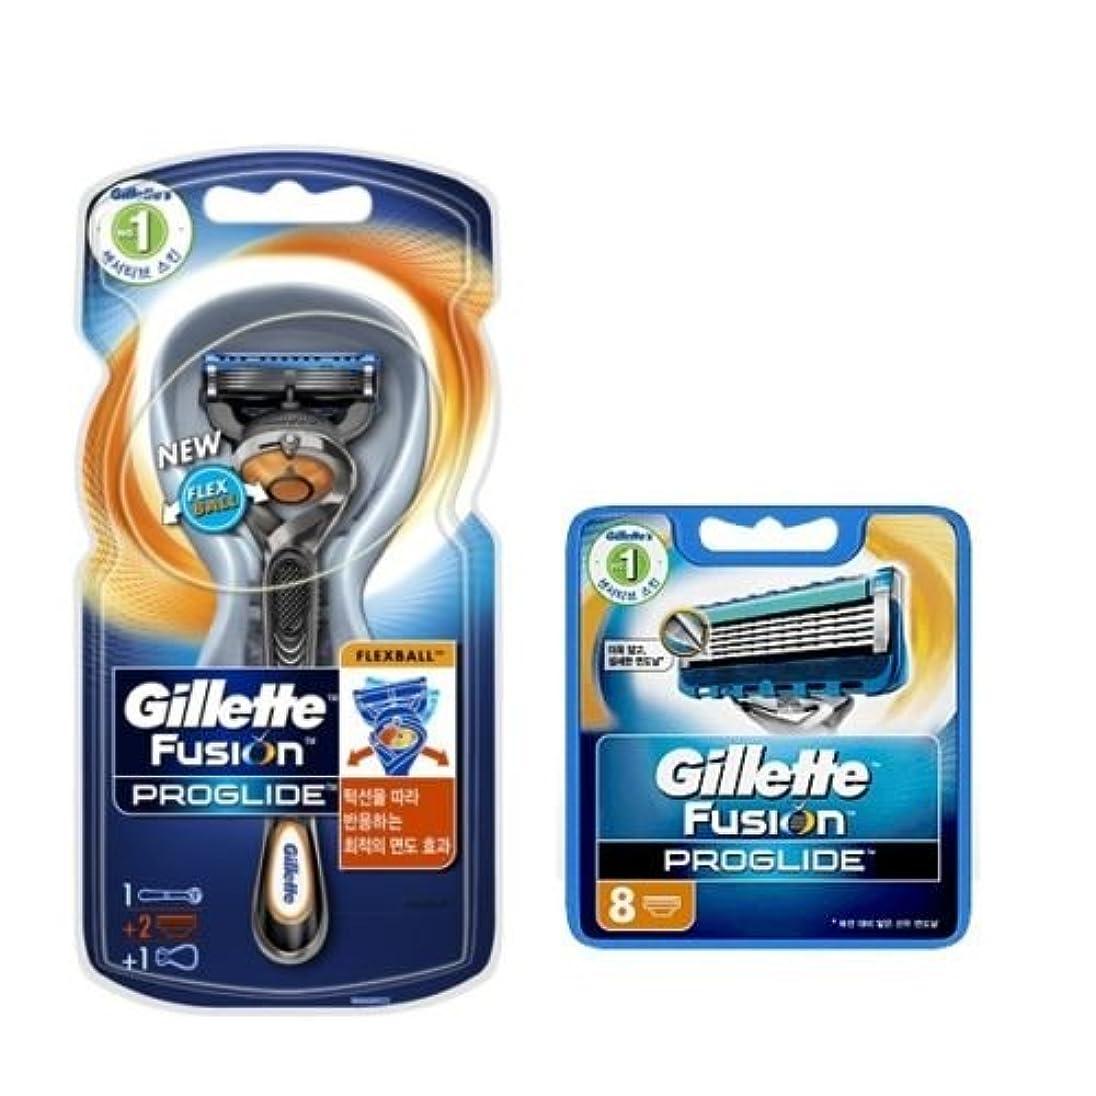 起きろ検閲タールGillette Fusion Proglide Flexball Manual メンズ1剃刀10剃刀刃 [並行輸入品]